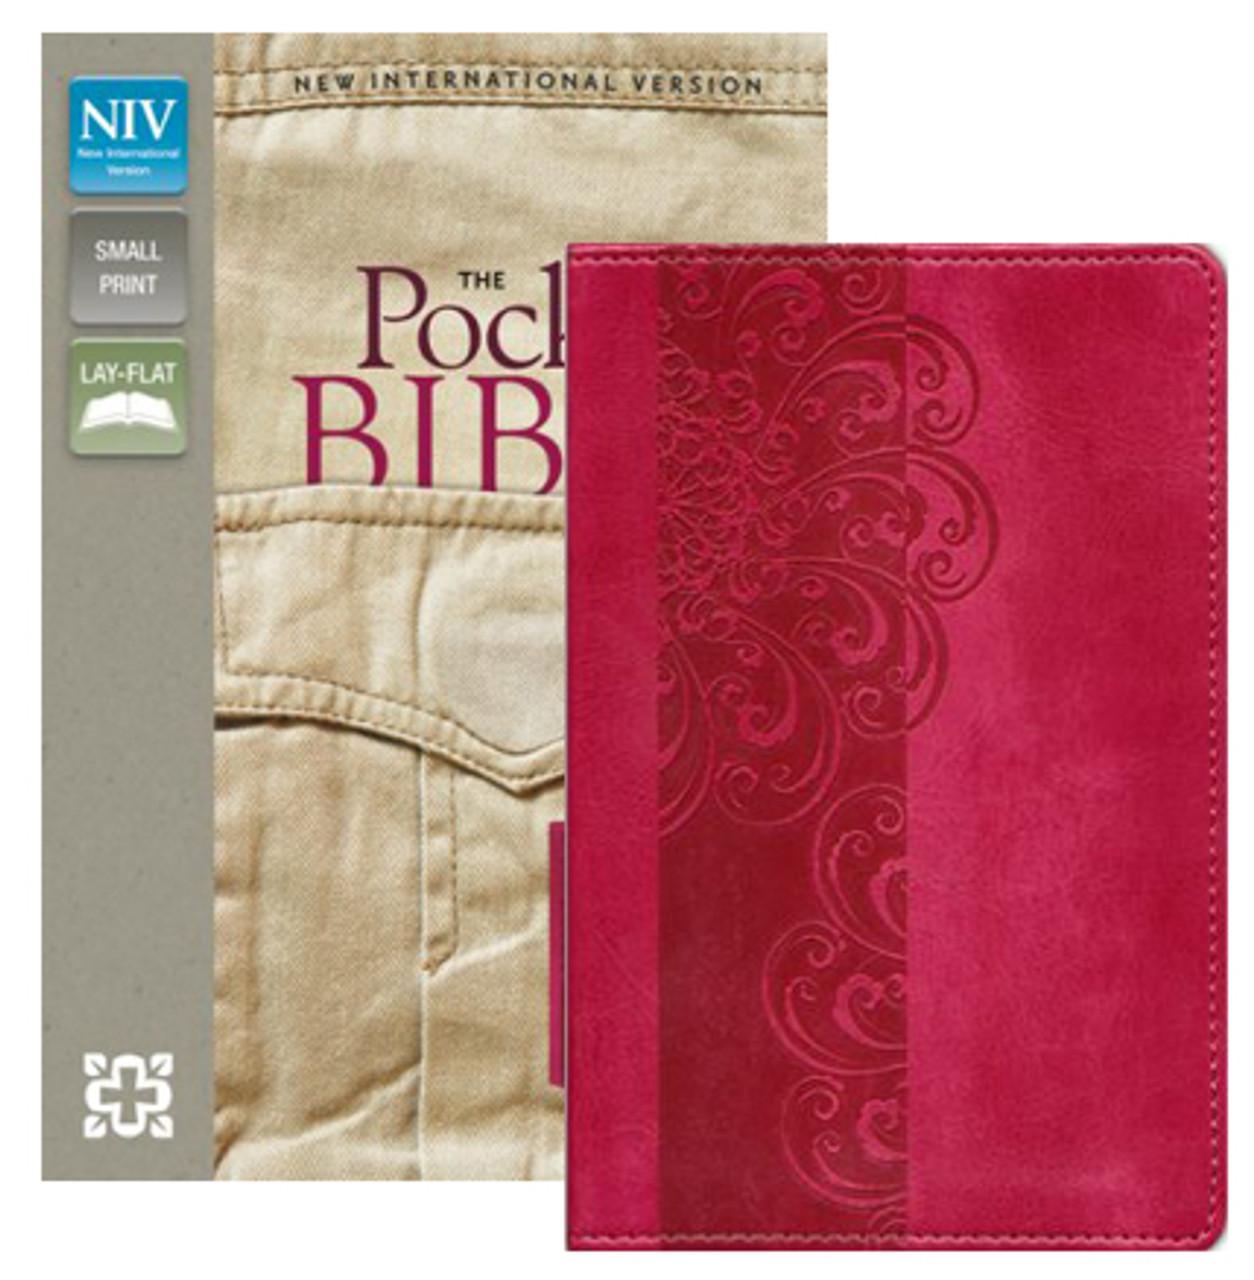 Bible NIV Pocket Bible Razzleberry